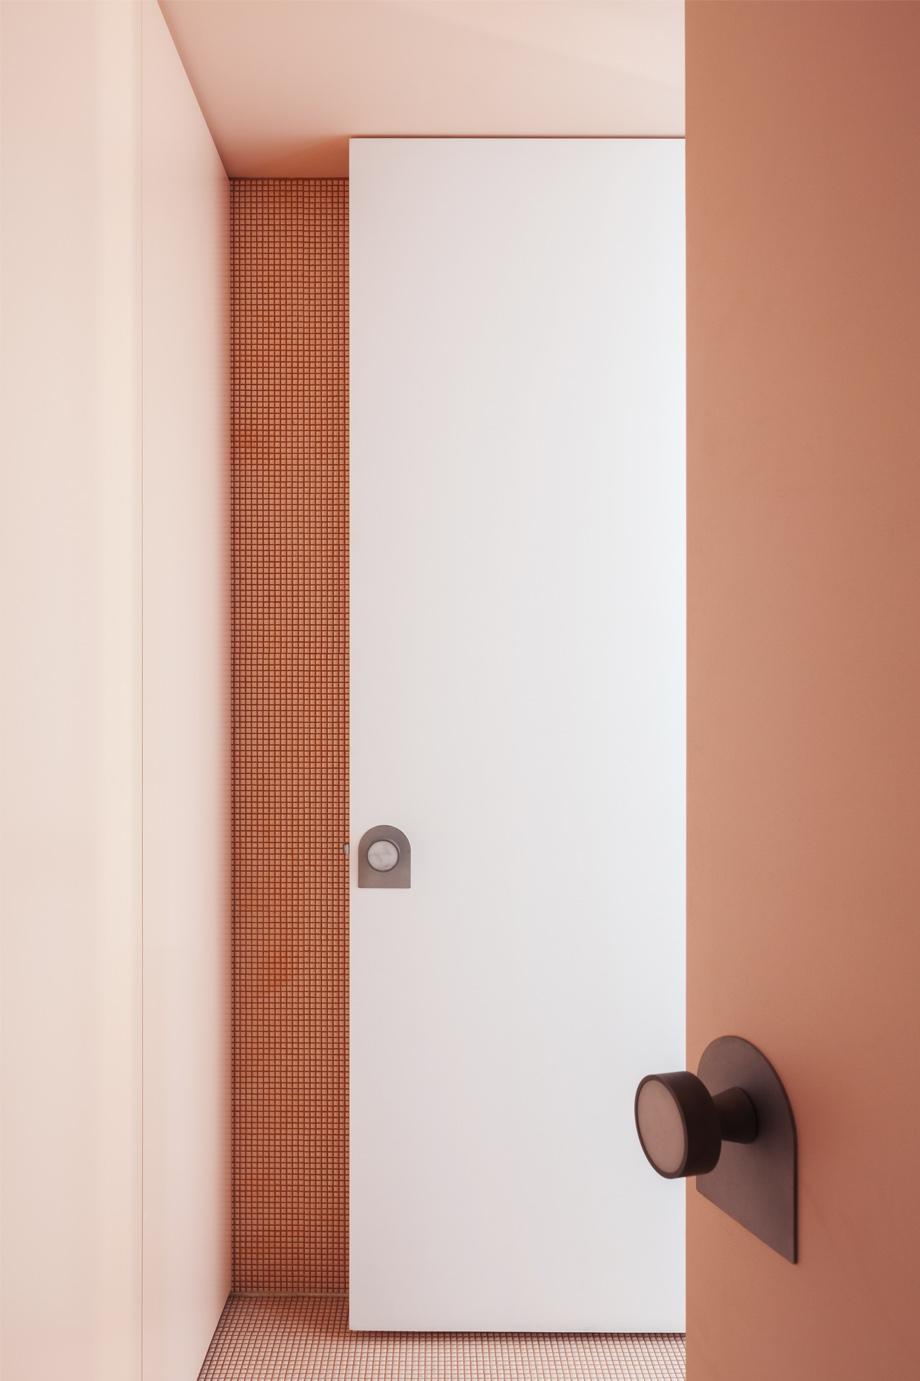 BitPart-Kat Lu-Pink-Bathroom-Door Knob-Blasted-Stainless Steel.jpg